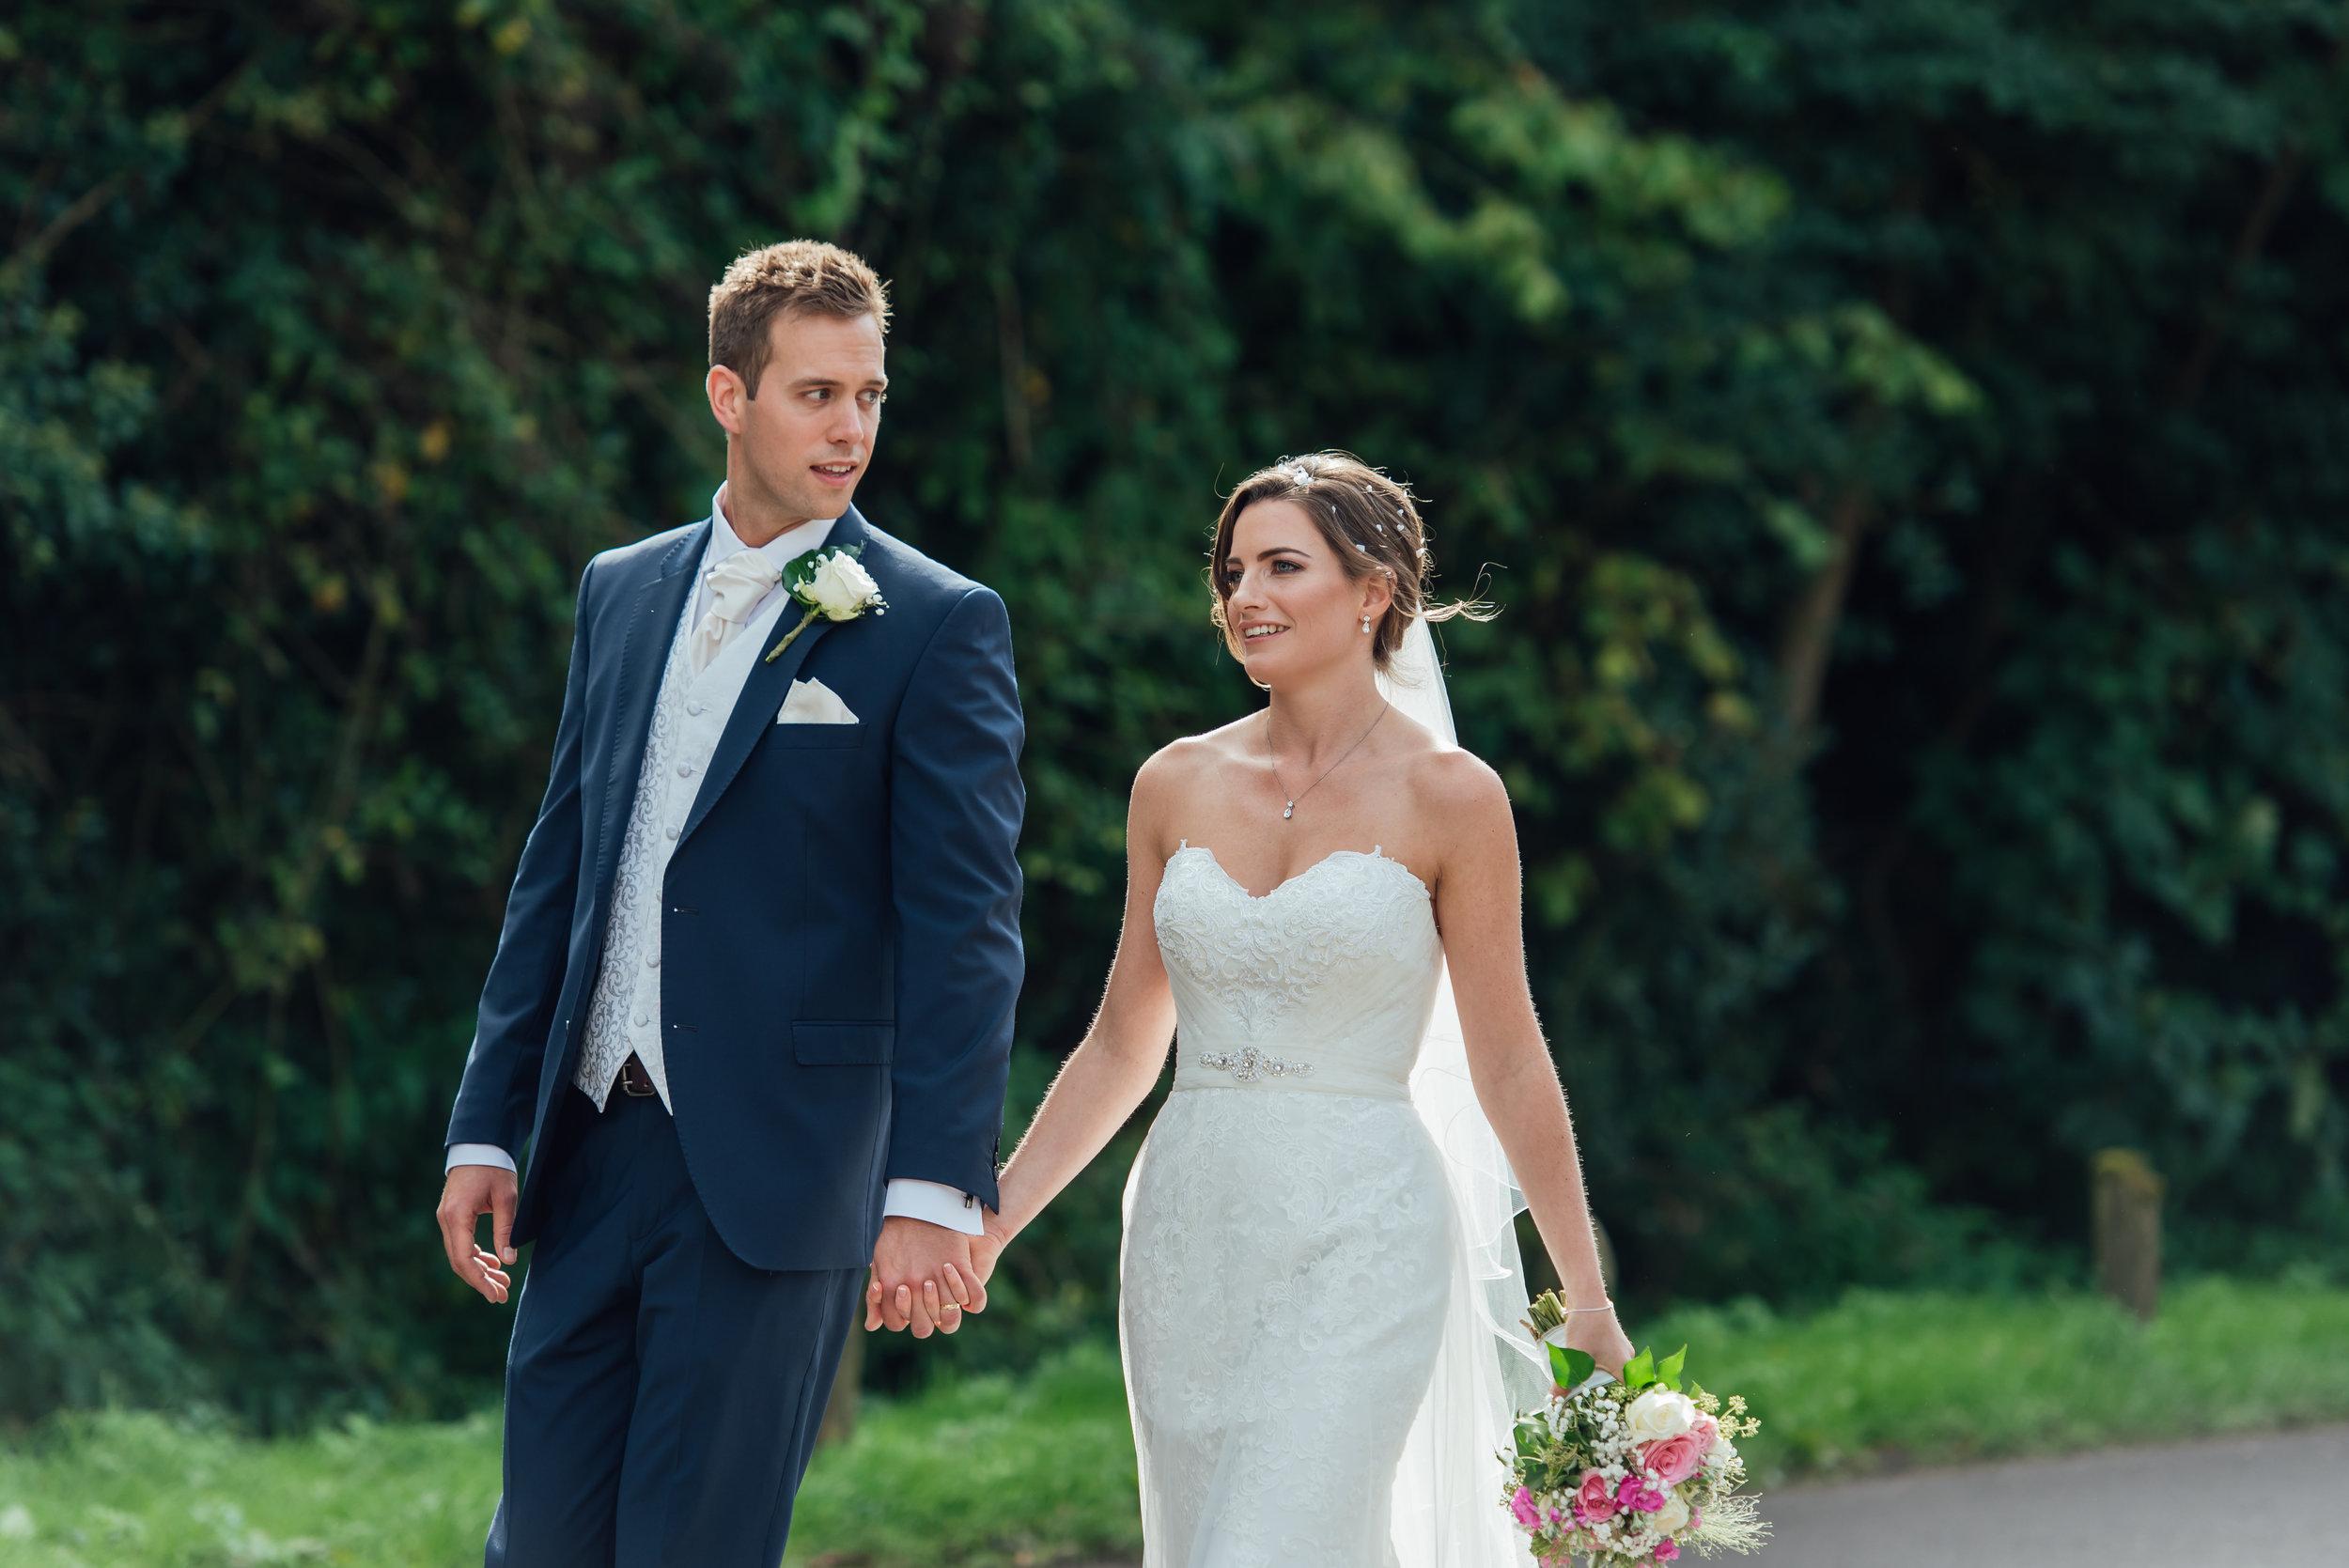 Hampshire-wedding-photographer : hampshire-village-hall-wedding : rotherwick-village-hall-wedding : wedding-photographer-hampshire : amy-james-photography : natural-wedding-photographer-hampshire : wedding-photographer-hampshire-487.jpg